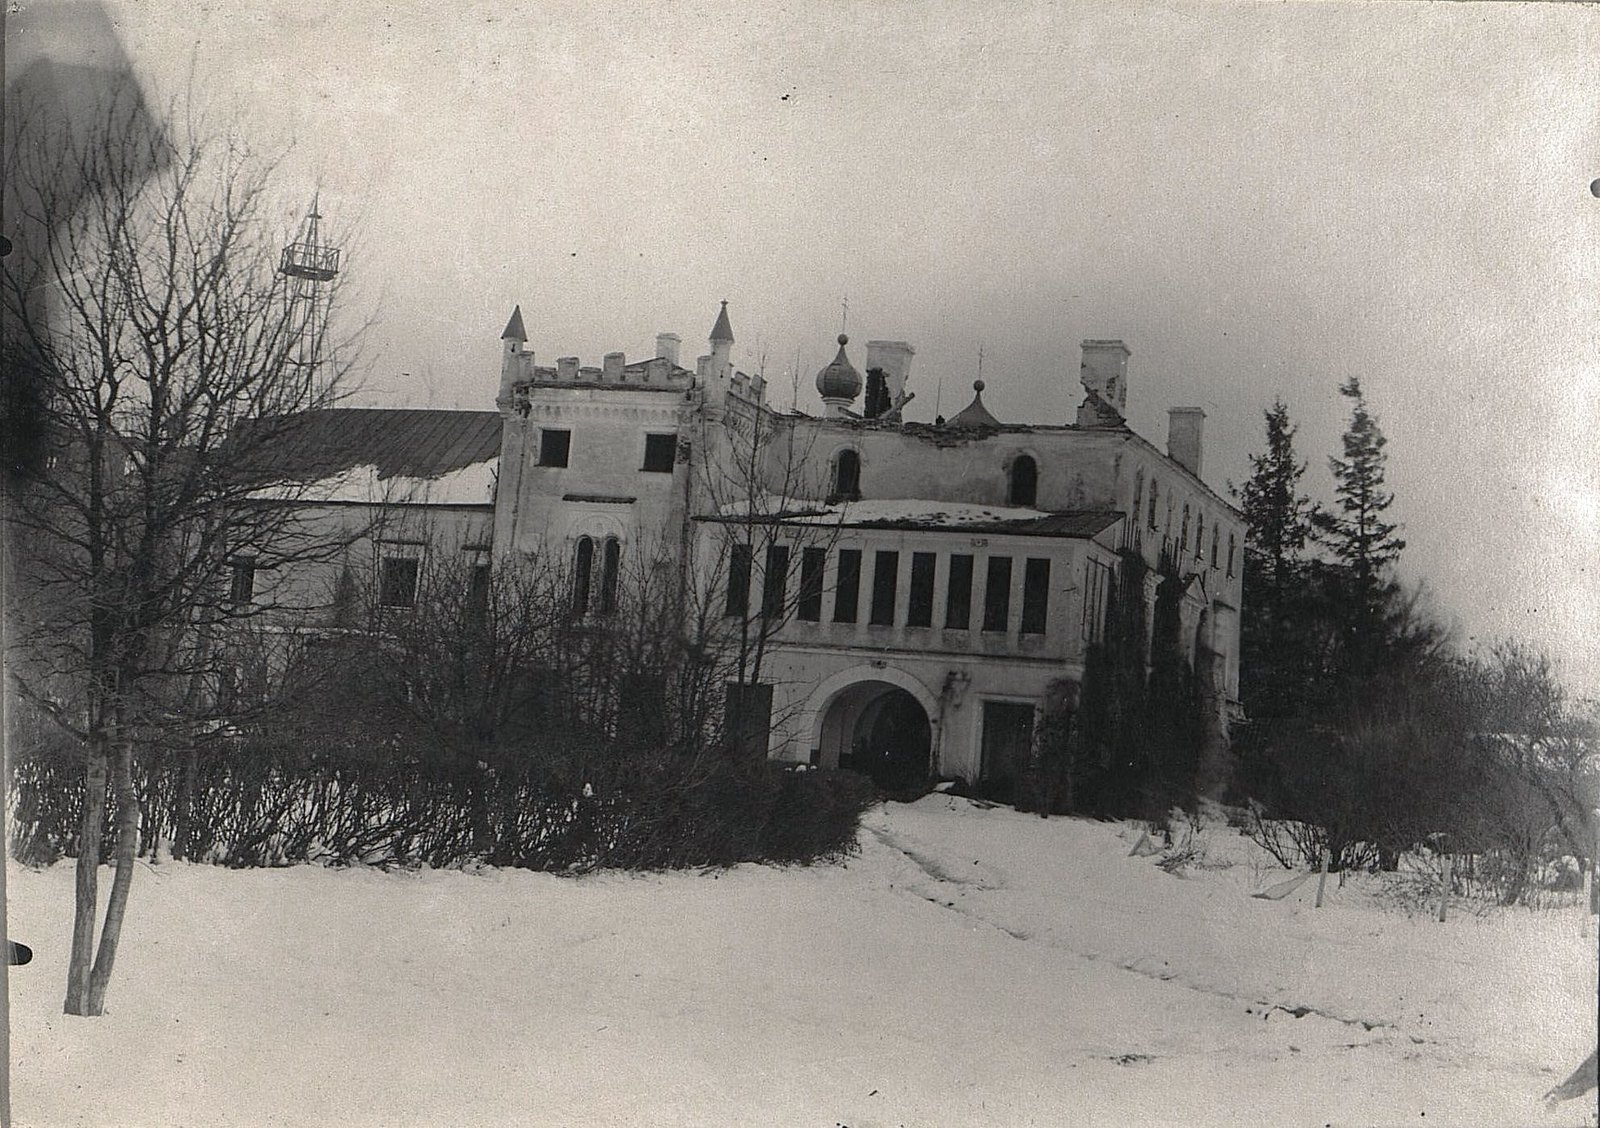 03. Замок, разрушенный неприятельской артиллерией в деревне С. Алексинец. Октябрь 1915